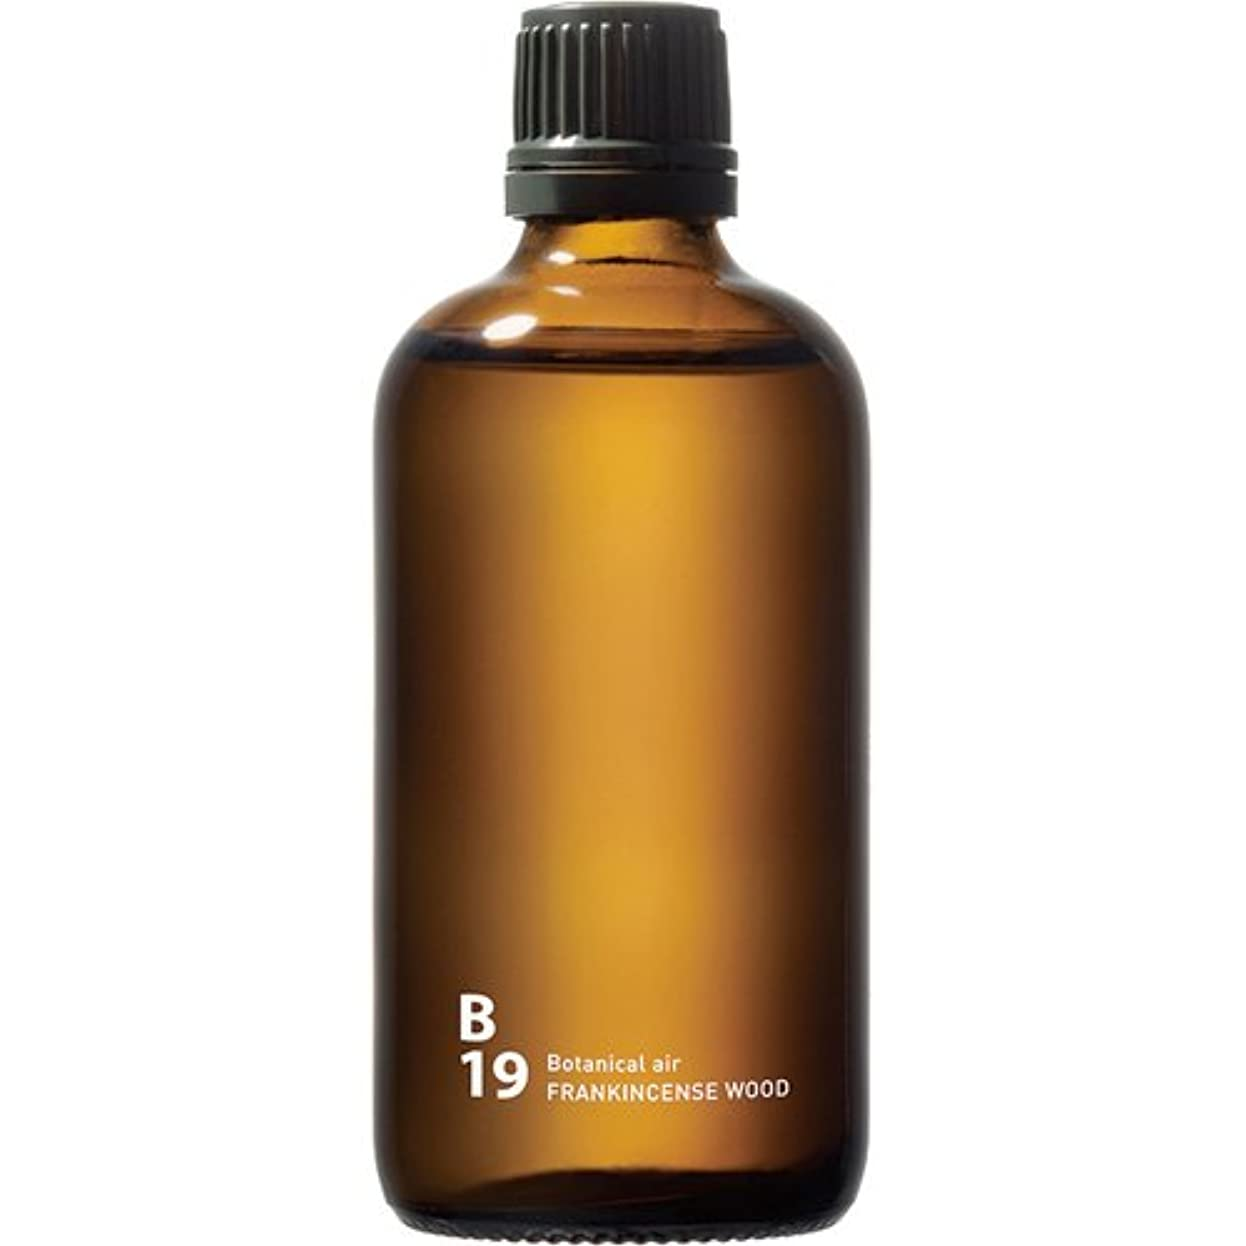 豪華な批評財団B19 FRANKINCENSE WOOD piezo aroma oil 100ml